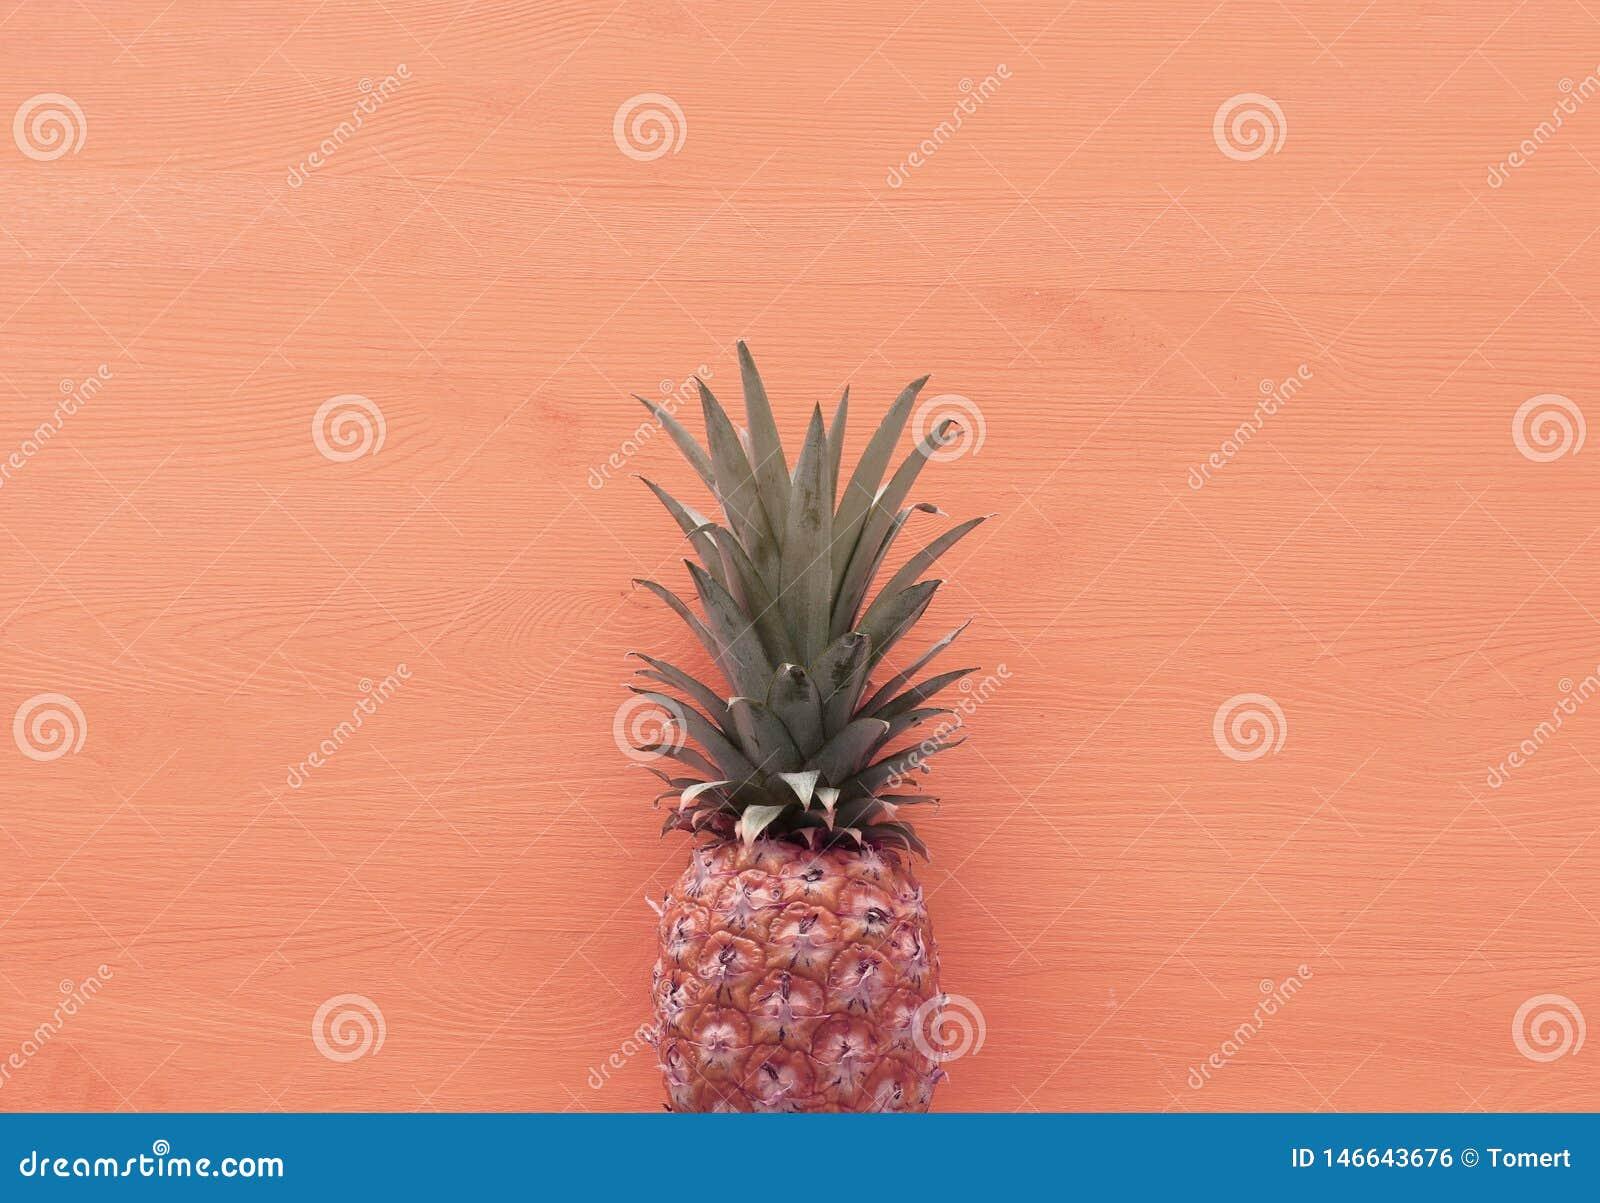 Abstracte foto van ananas over roze houten achtergrond Strand en tropisch thema Hoogste mening